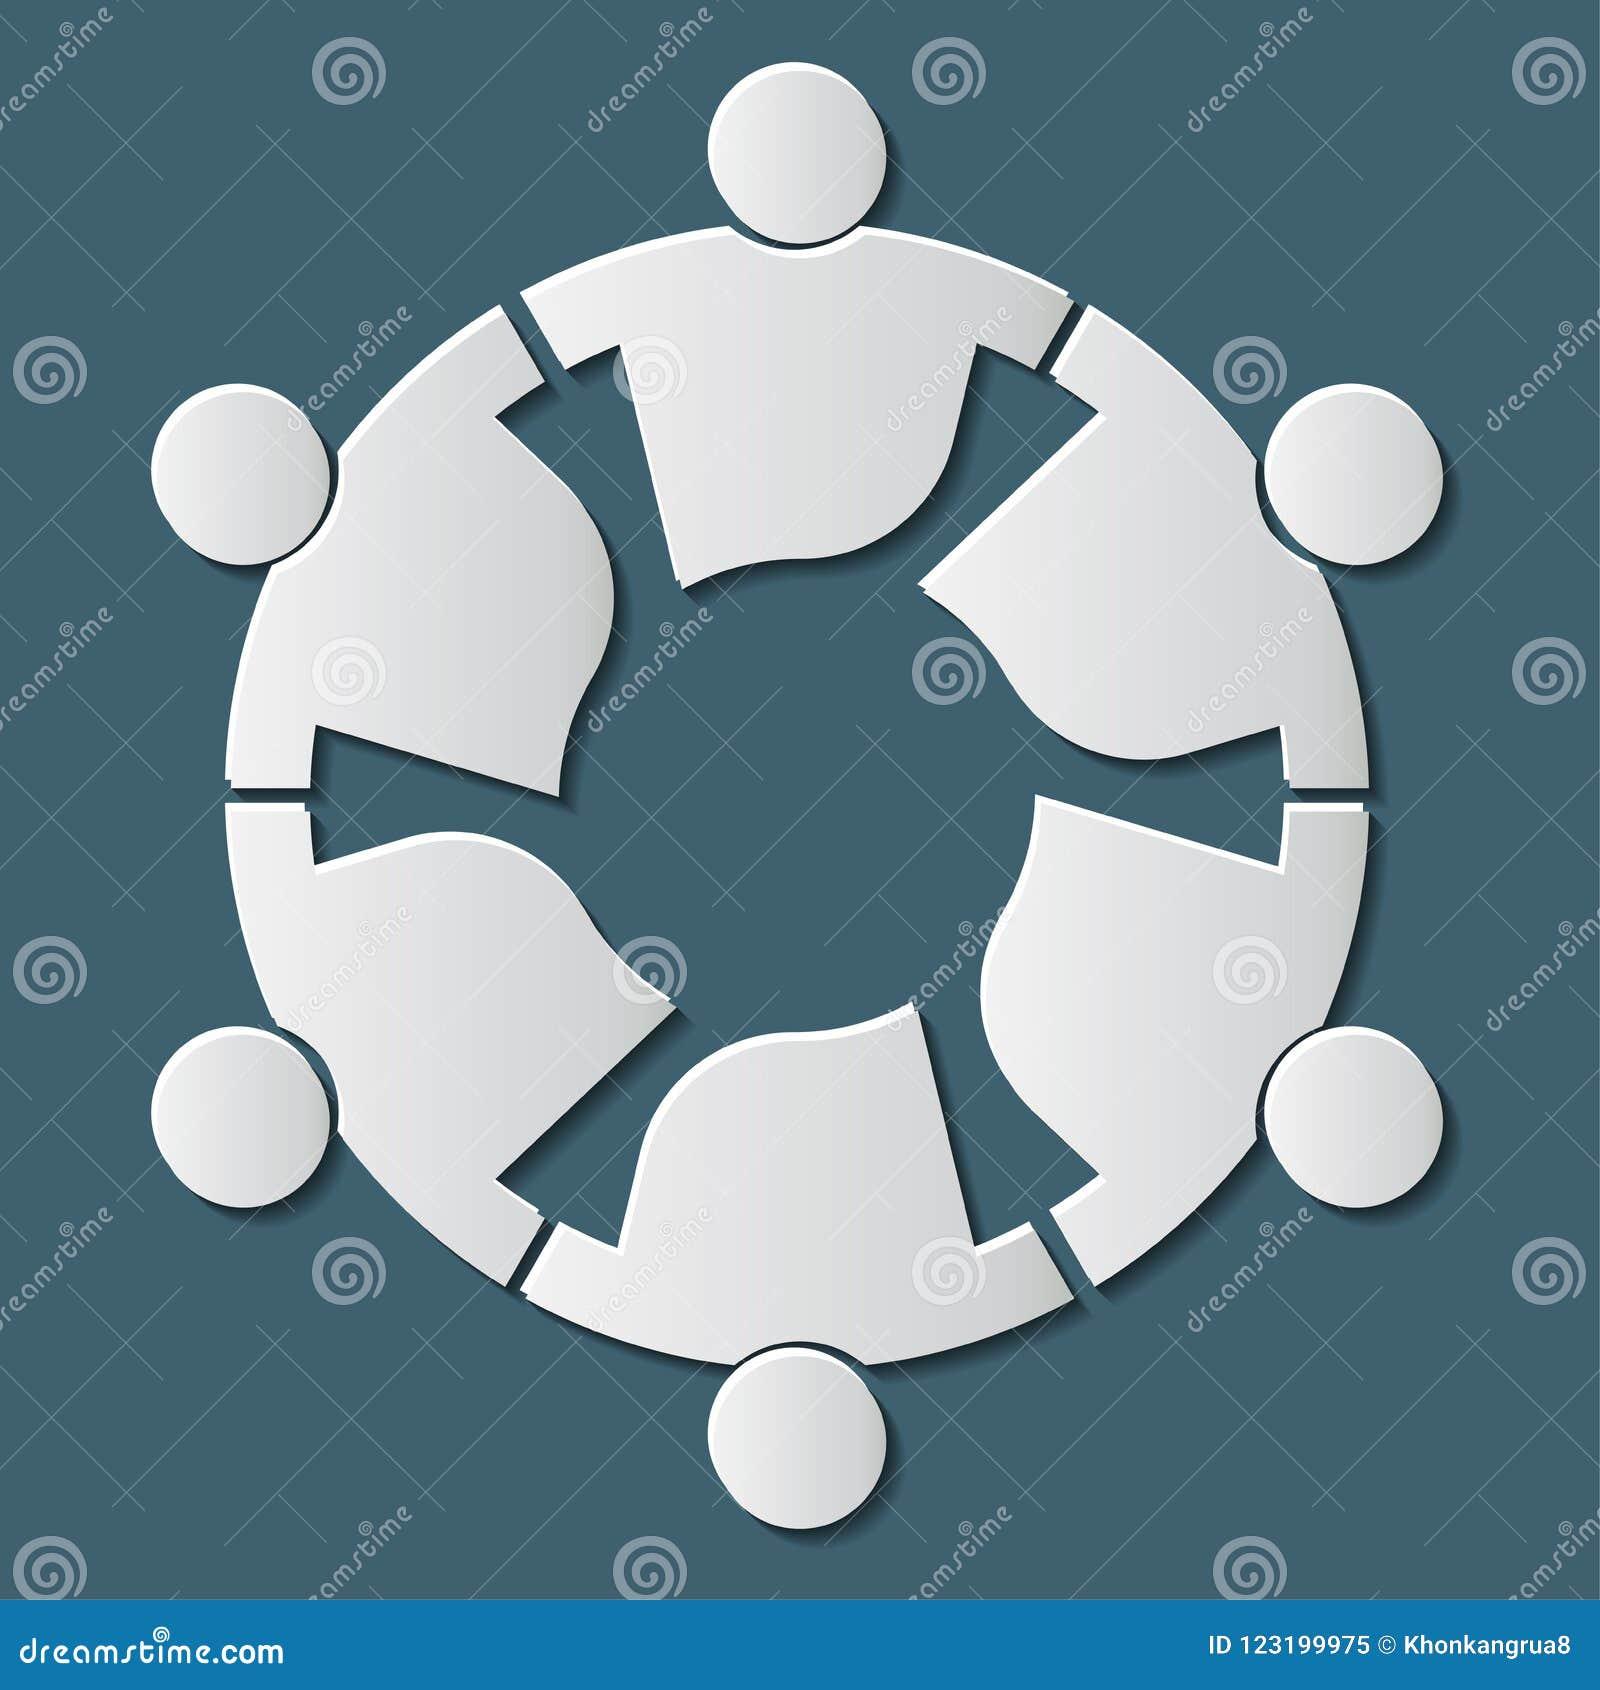 插画 包括有 图象, 连接数, 网络, 商业, 友谊, 容忍 - 123199975图片